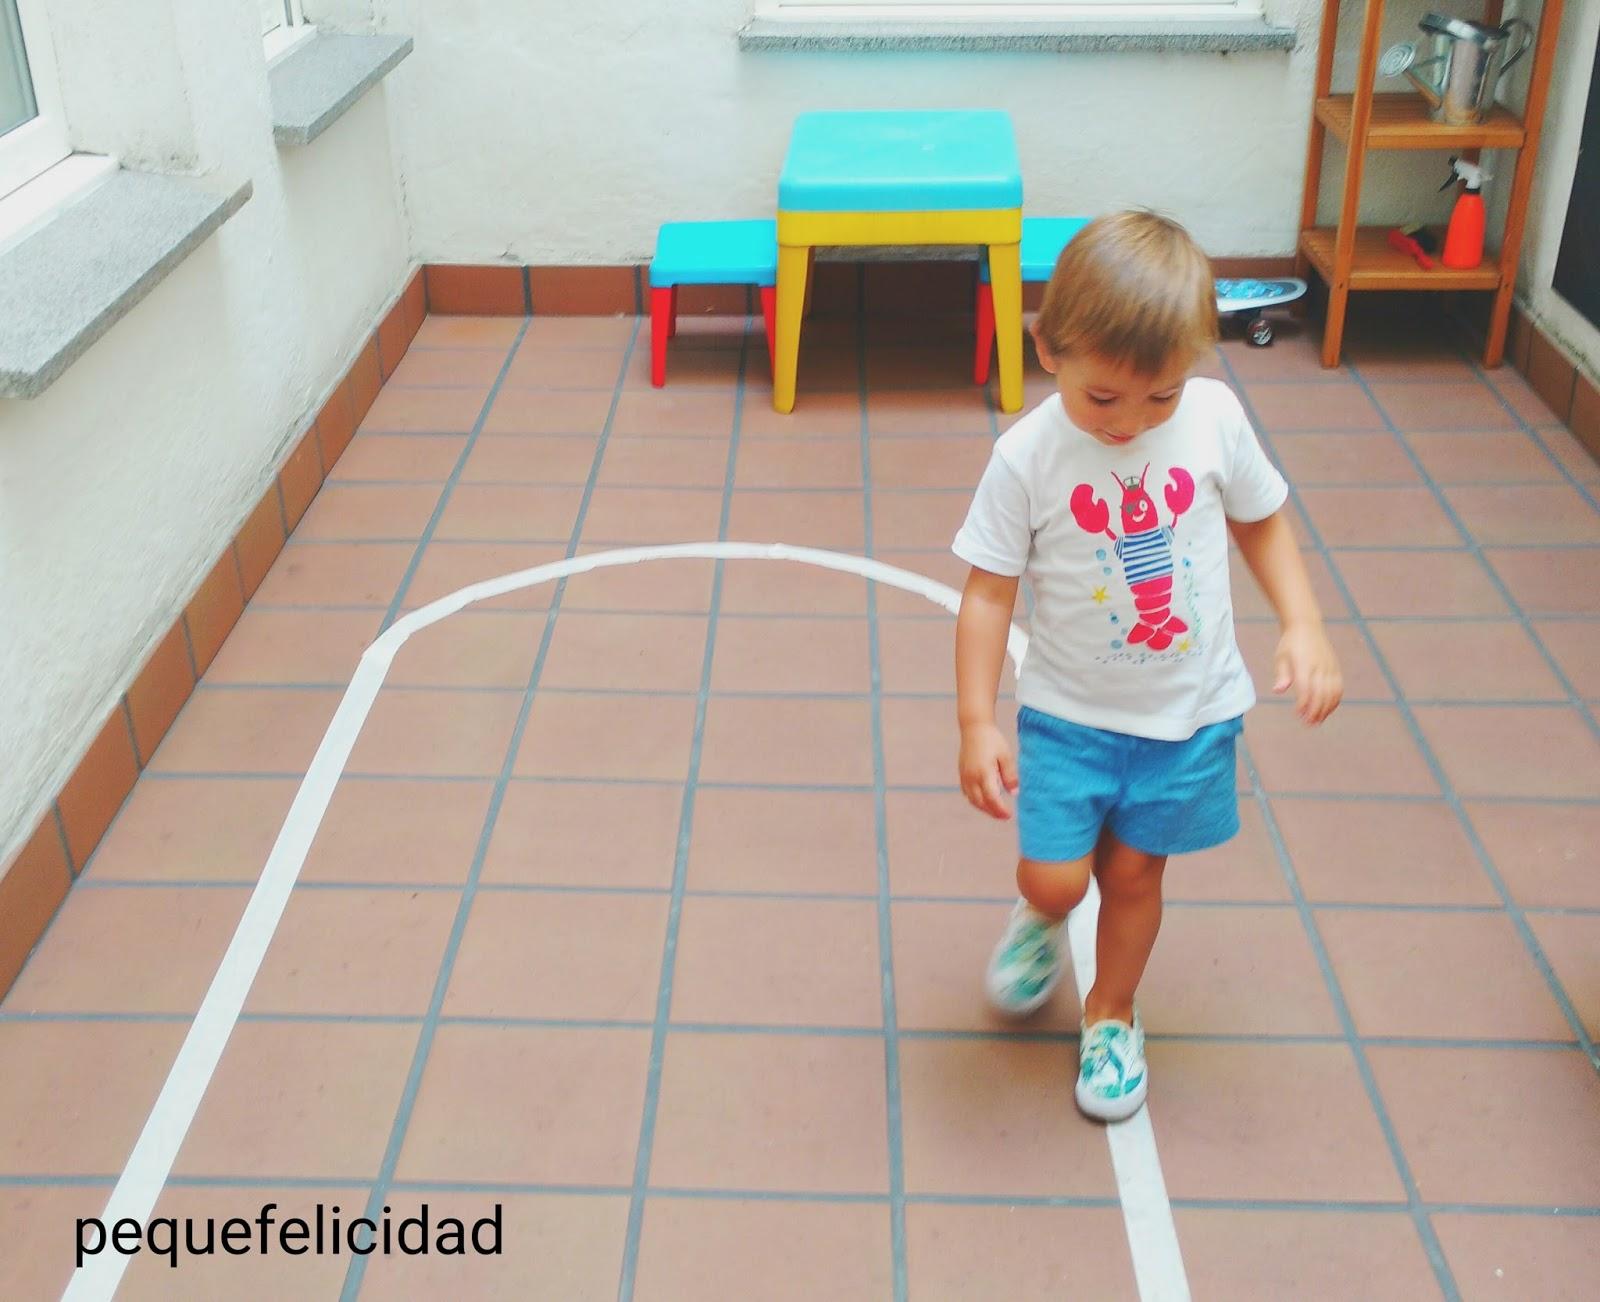 Pequefelicidad El Juego De Caminar Por La Linea Montessori Que